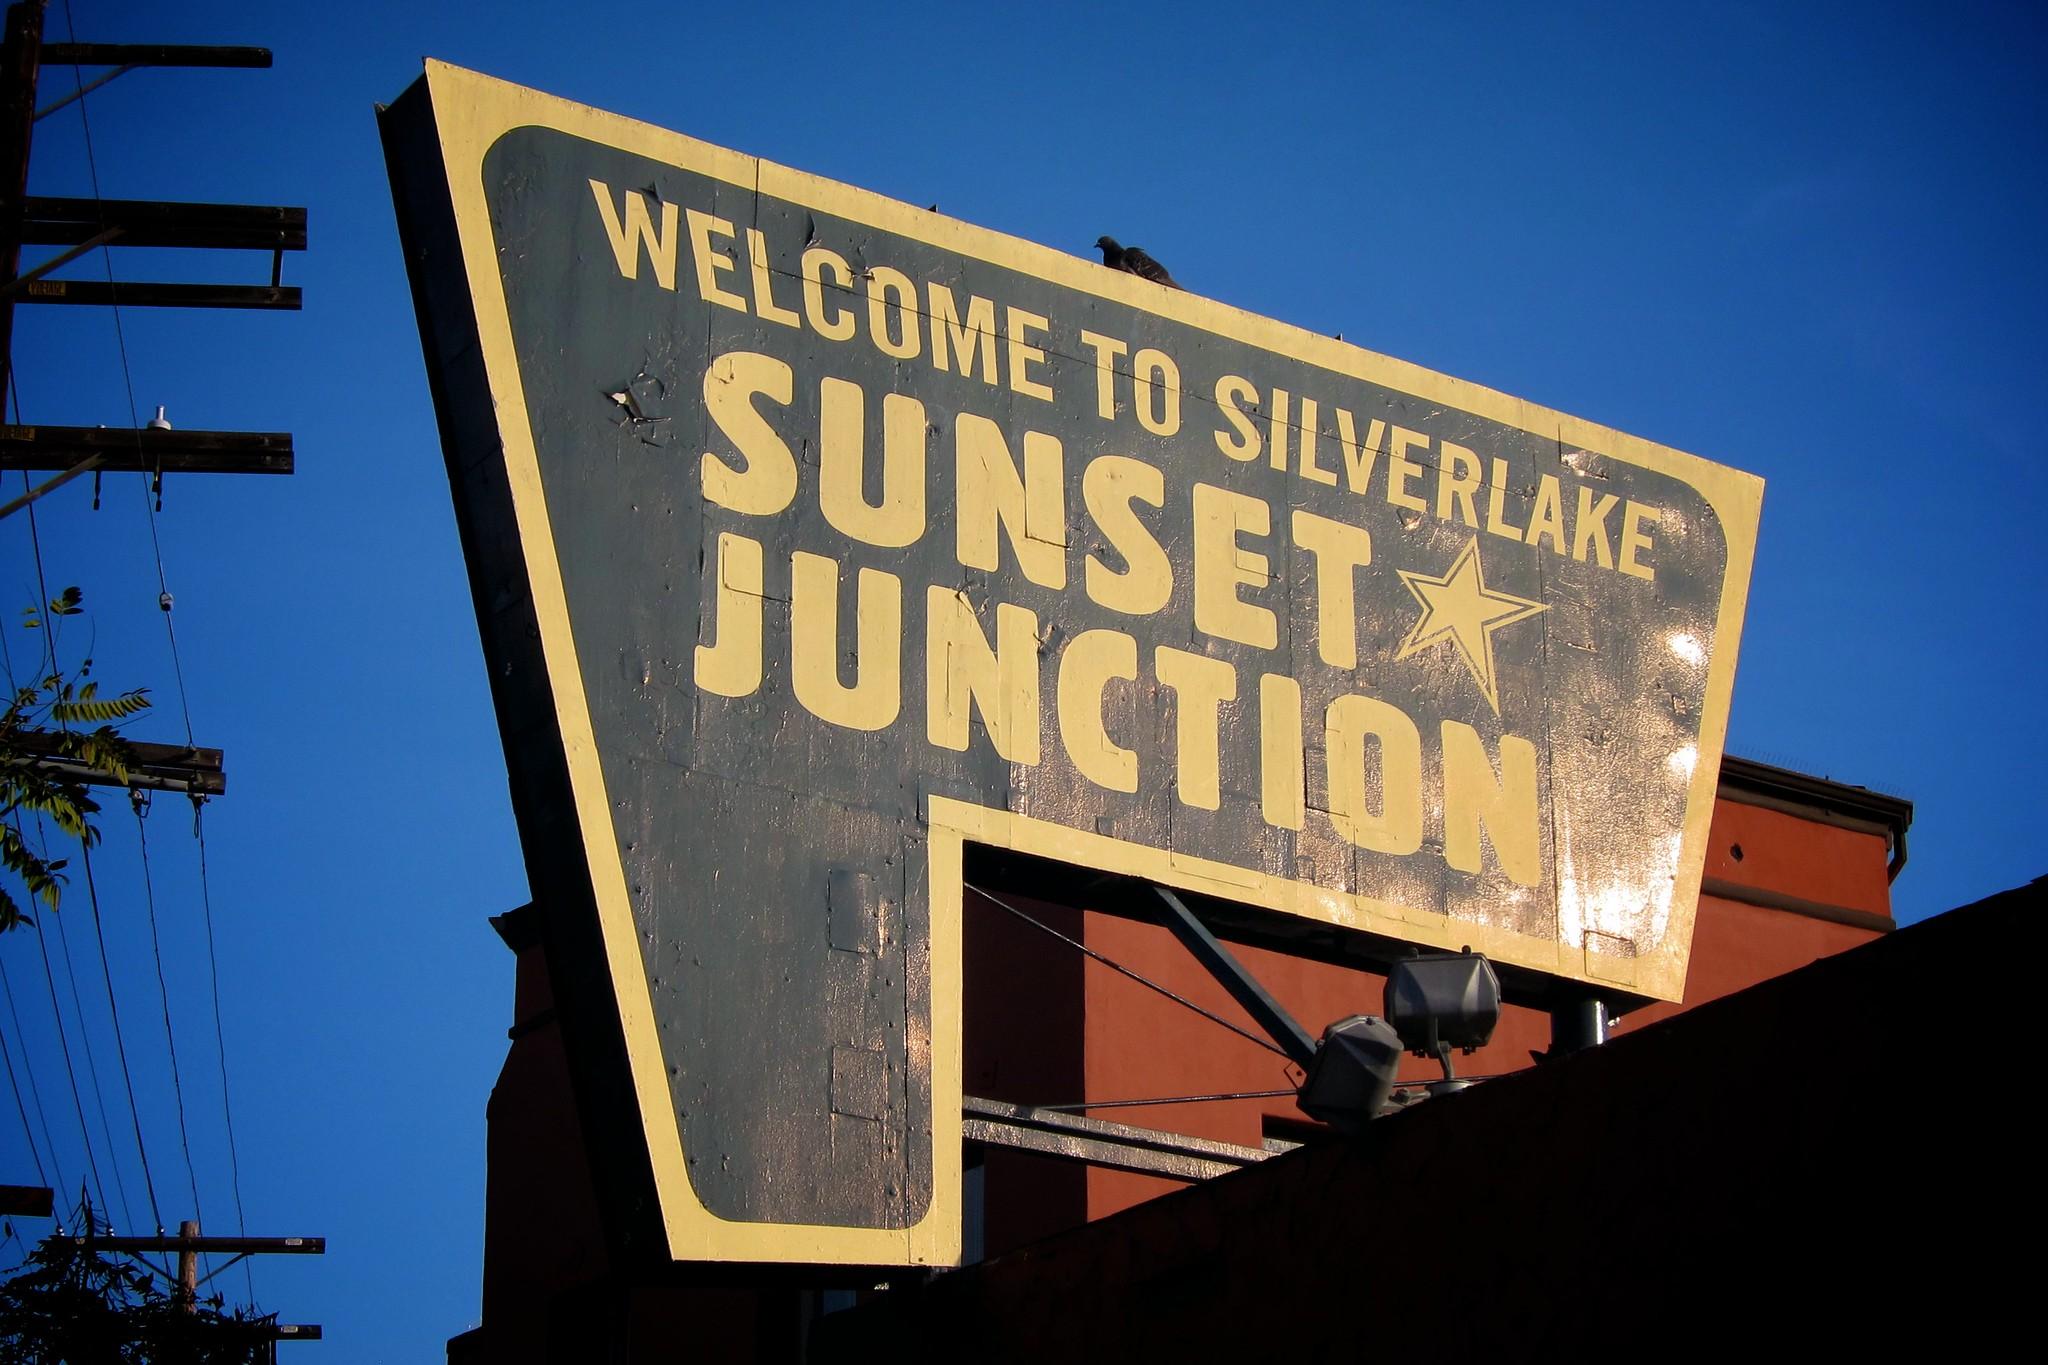 Nic Adler Sunset Junction